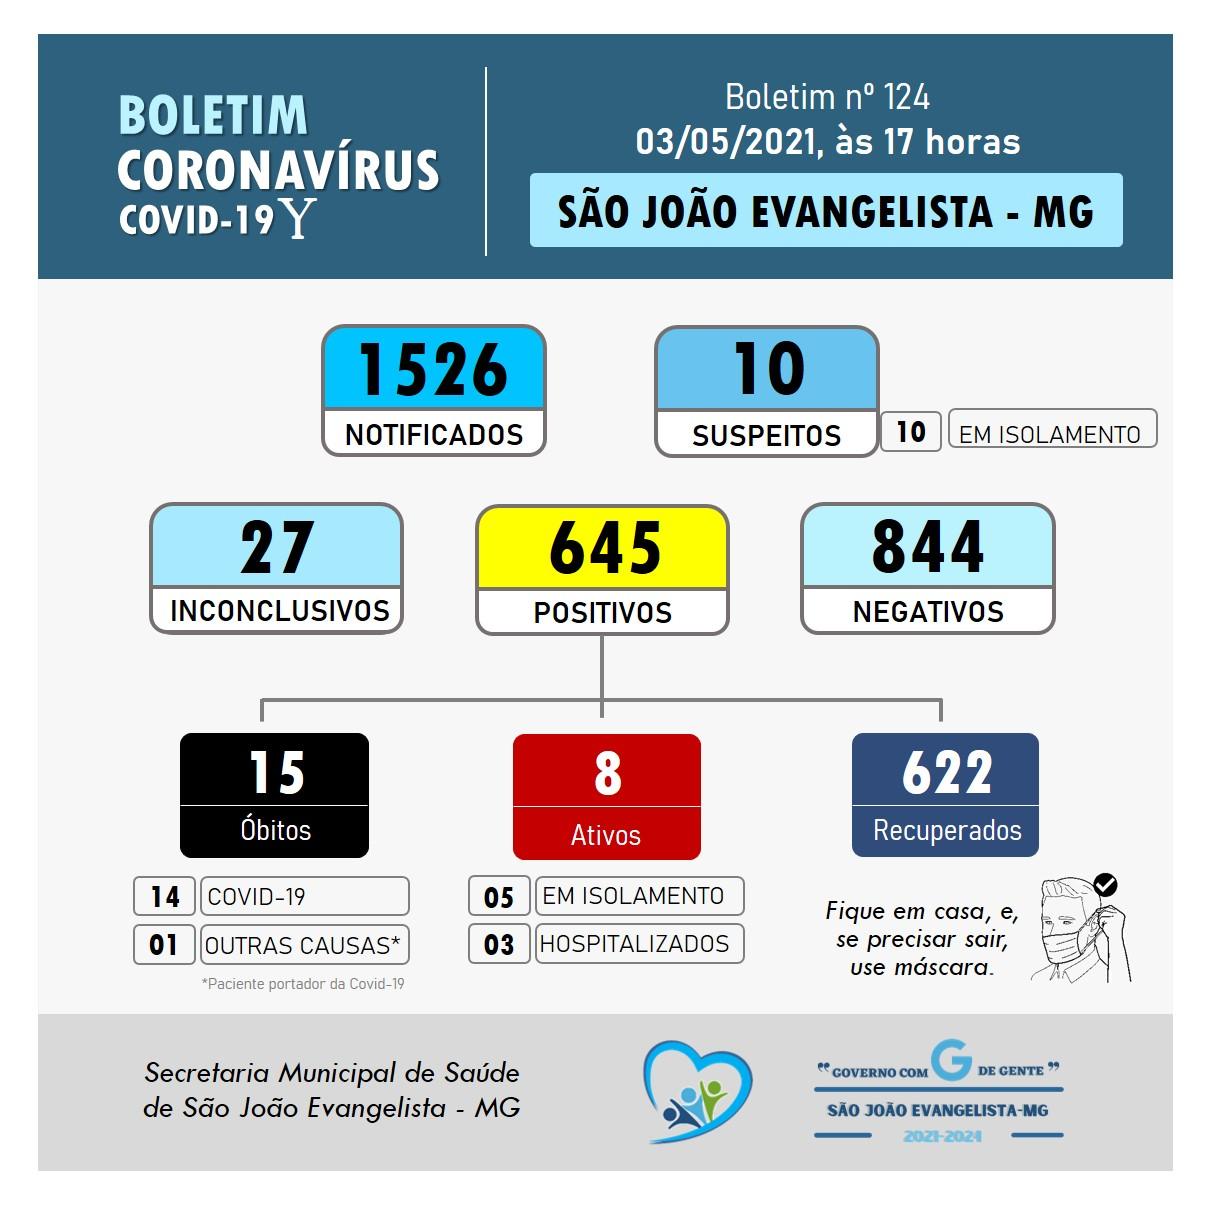 BOLETIM CORONAVÍRUS N° 124 DE 03/05/2021